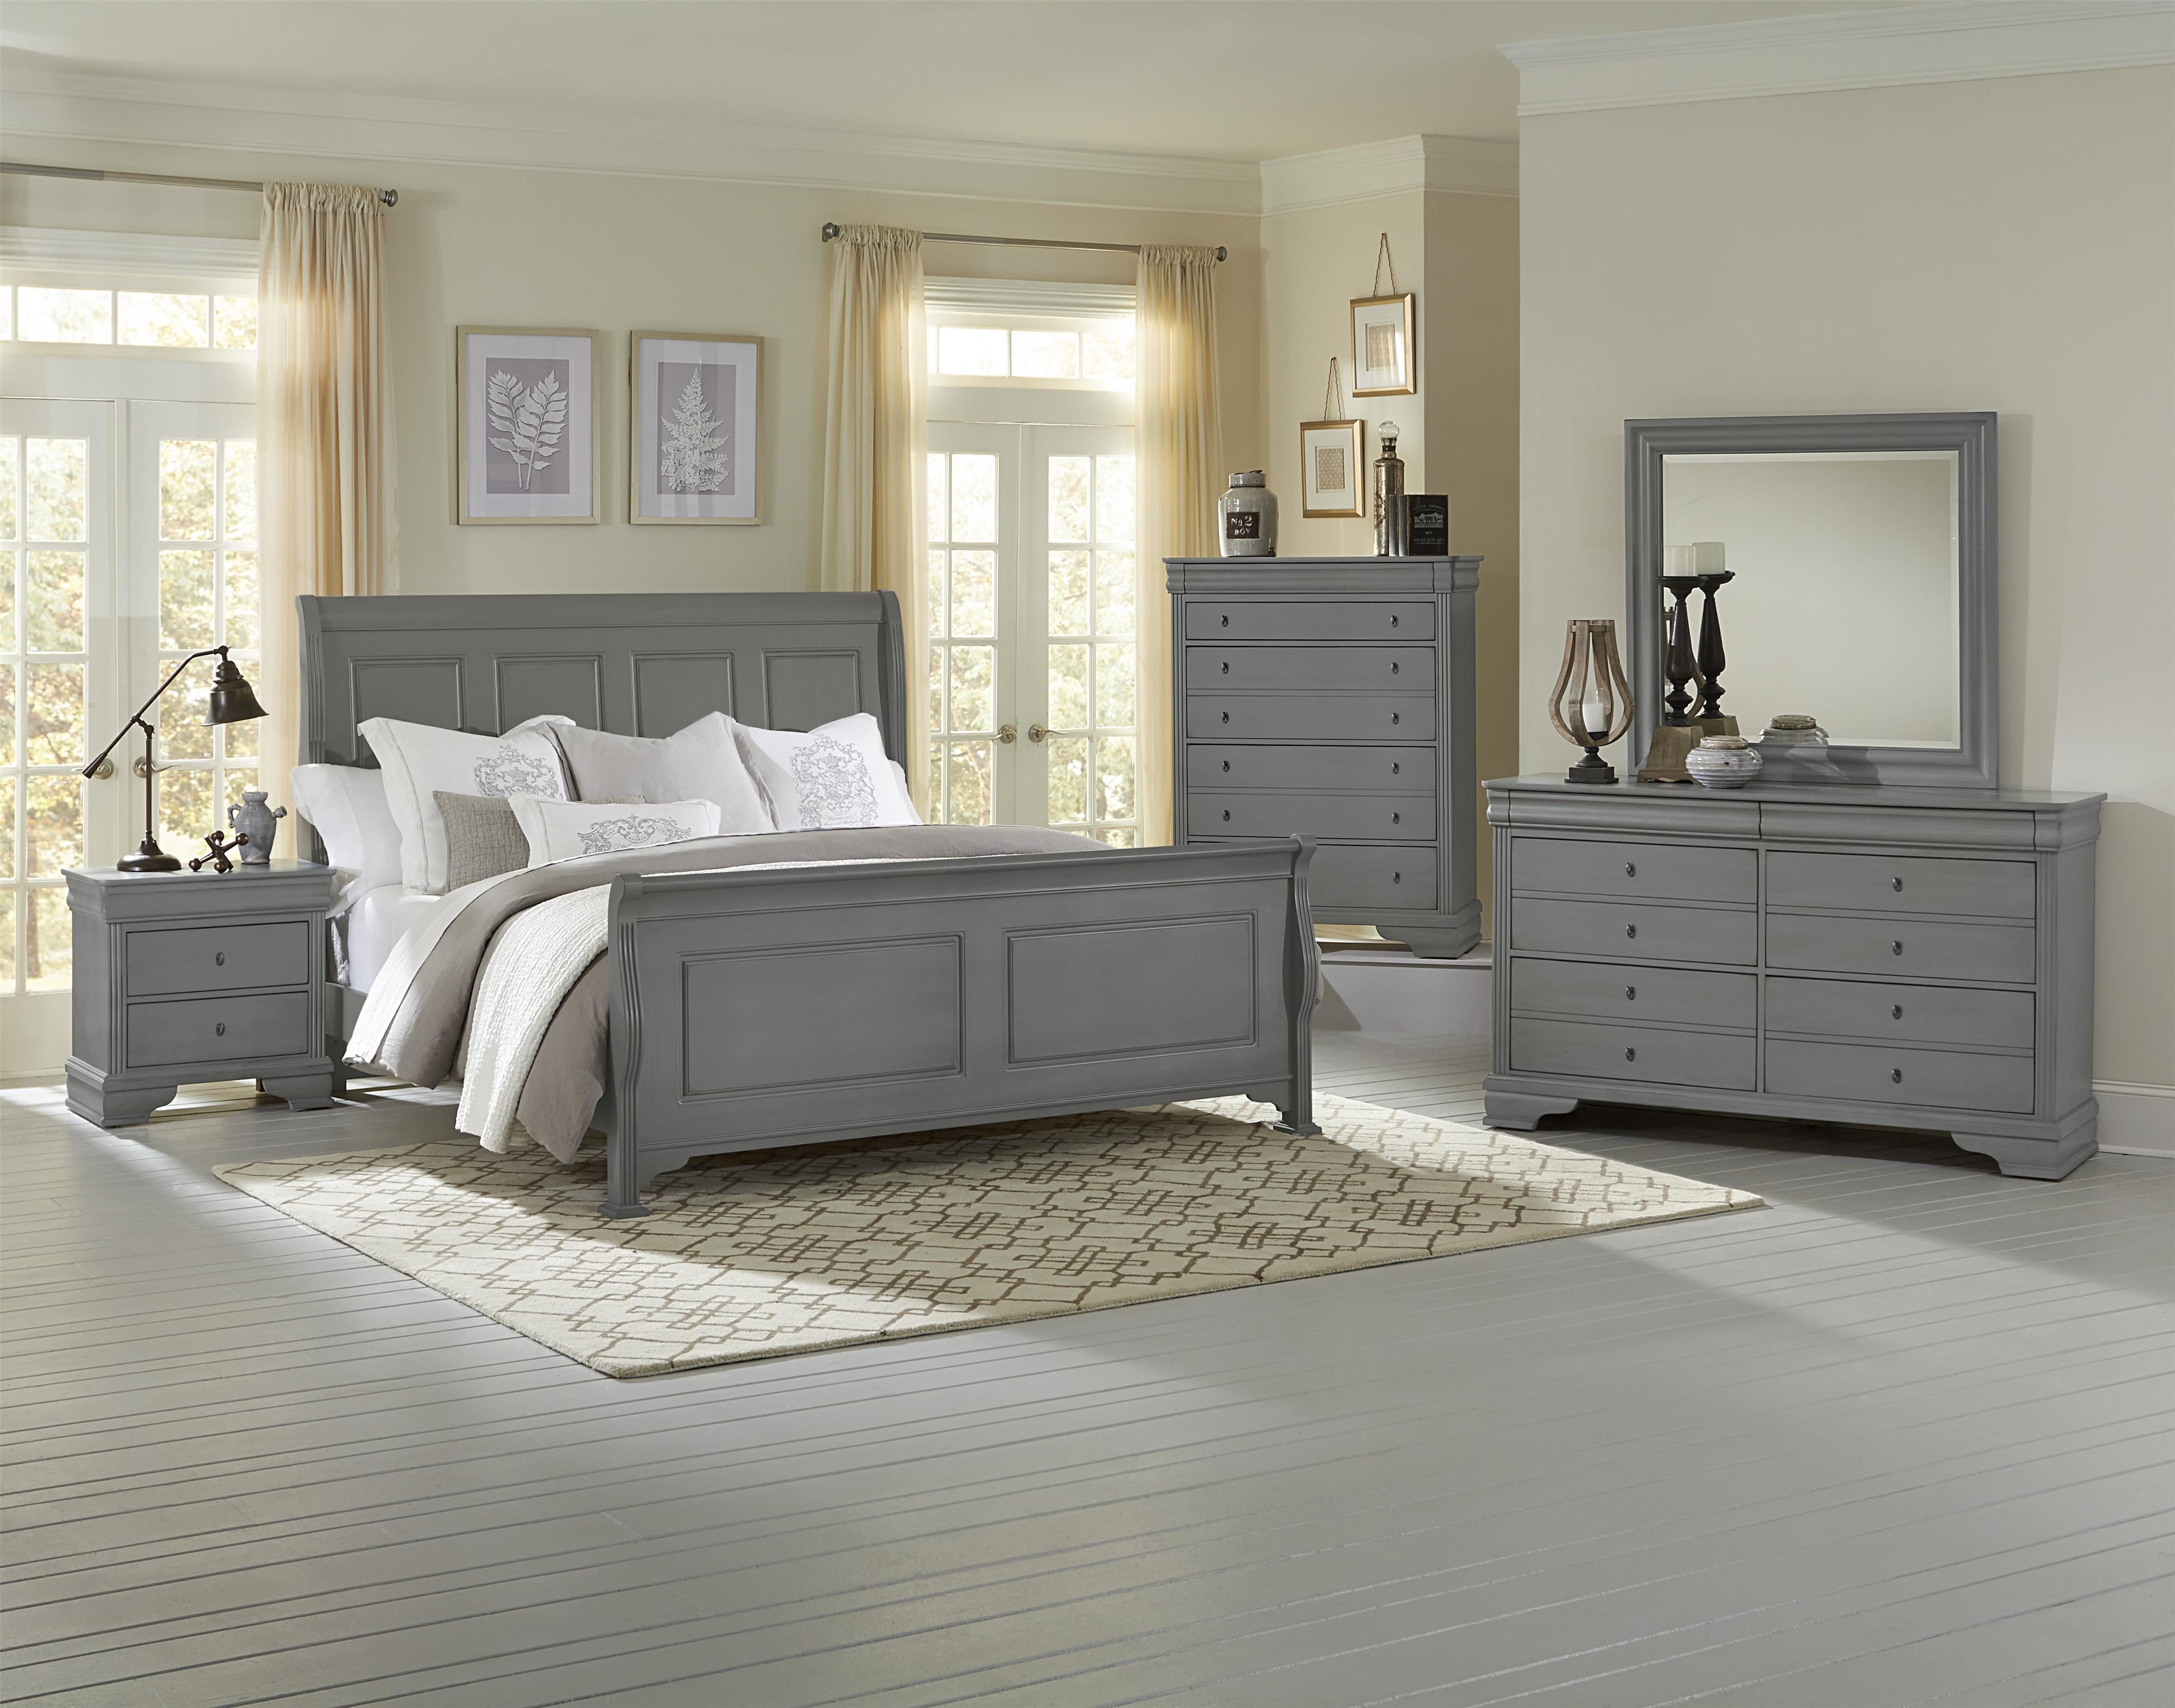 vaughan bassett french market full bedroom group belfort furniture